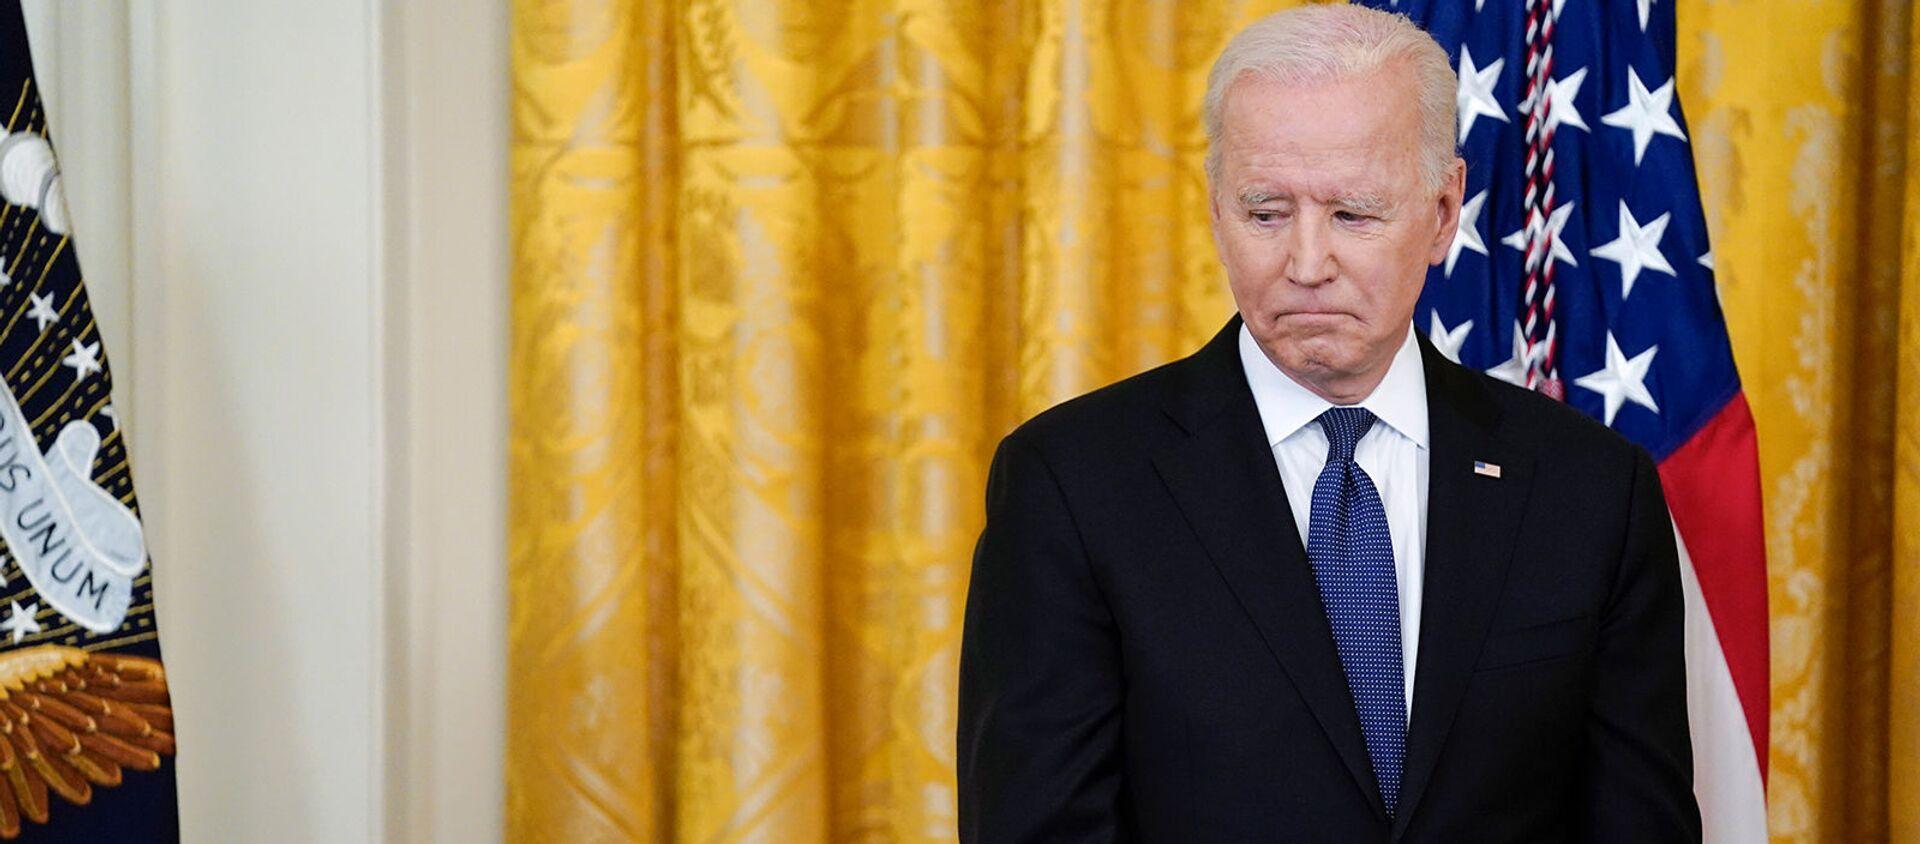 Президент США Джо Байден перед подписанием Закона о преступлениях на почве ненависти COVID-19 (20 мая 2021). Вашингтон - Sputnik Армения, 1920, 07.06.2021